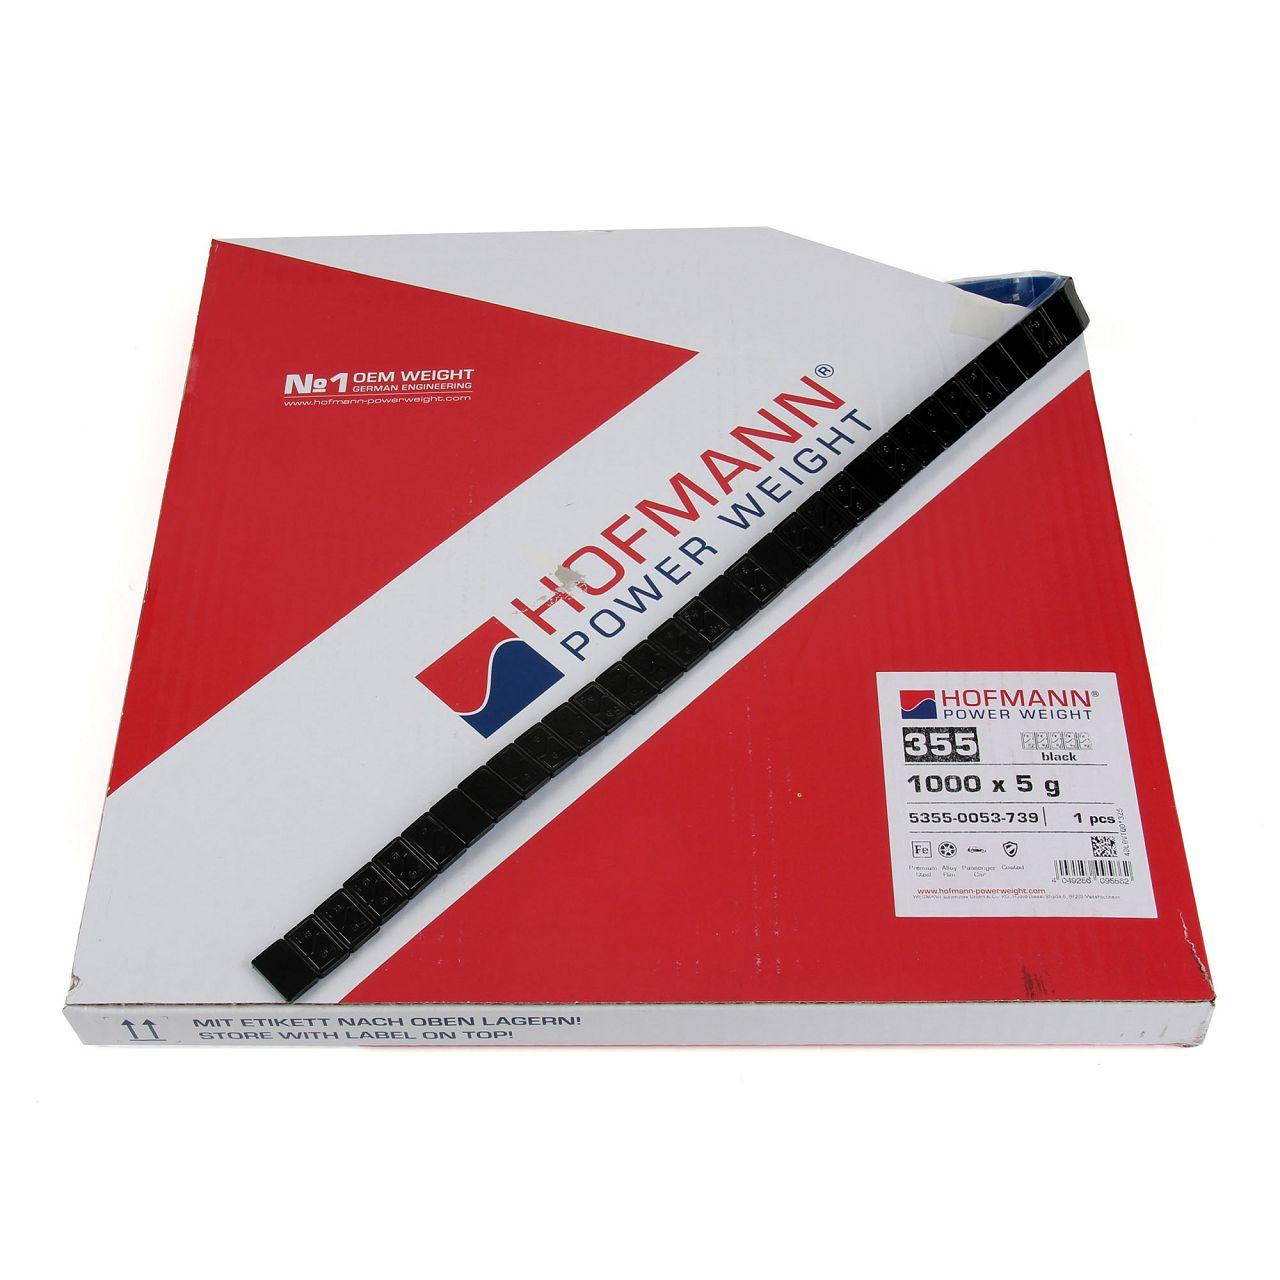 HOFMANN Auswuchtgewichte Klebegewichte SCHWARZ-STAHL 3,8mm | 1000 Stück x 5g